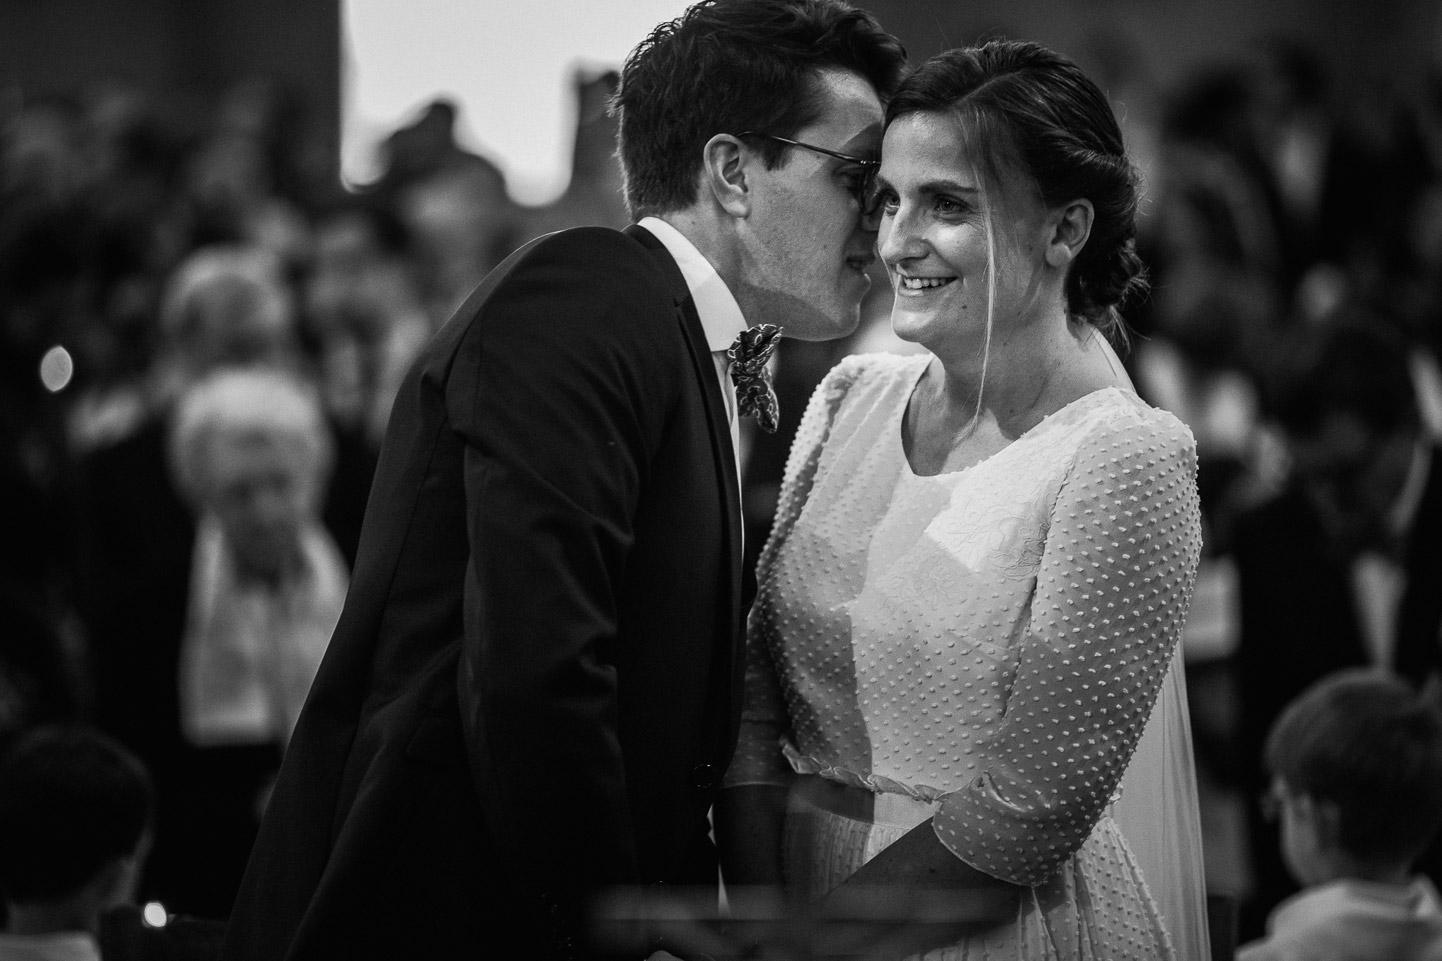 Reportage photo de mariage à Lyon - Manoir de la Garde. Les mariés durant la cérémonie